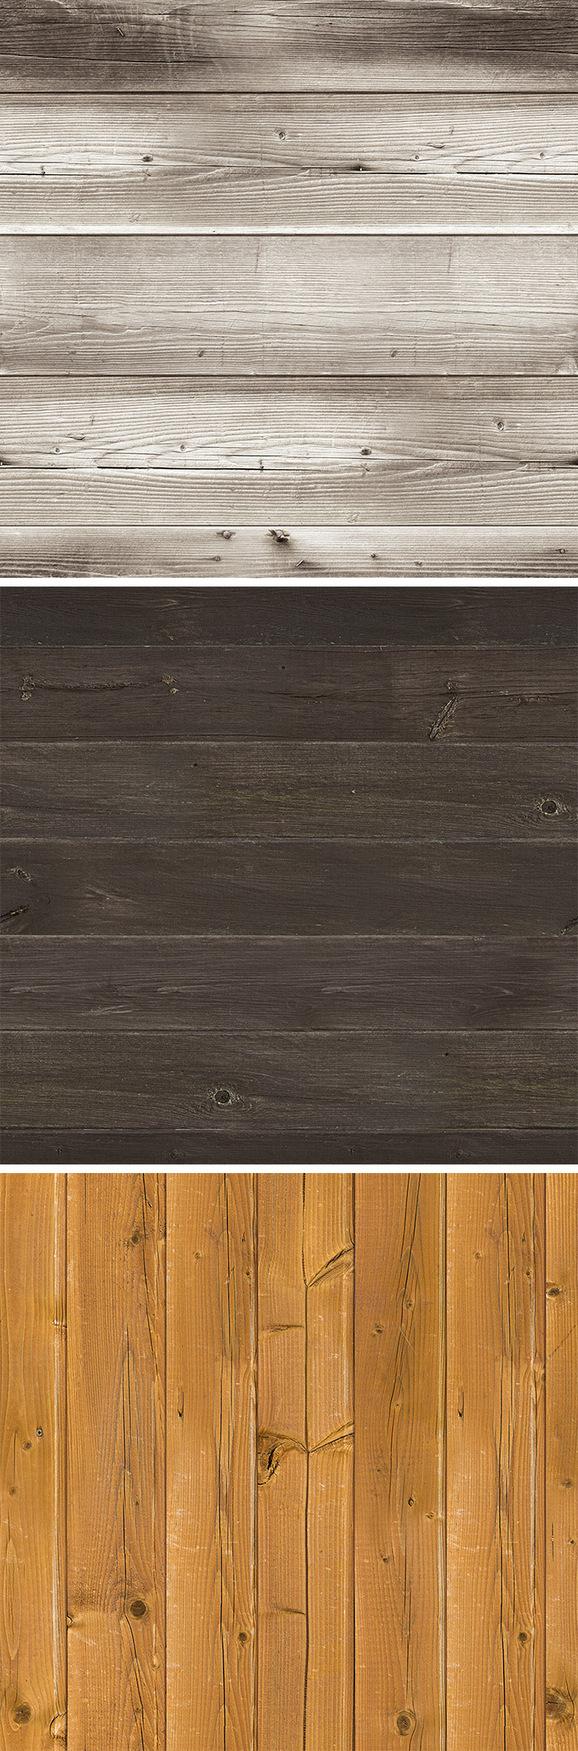 De Belles Textures Bois Les Belles Ressources Print Web Digital Wood Texture Texture Design Free Wood Texture